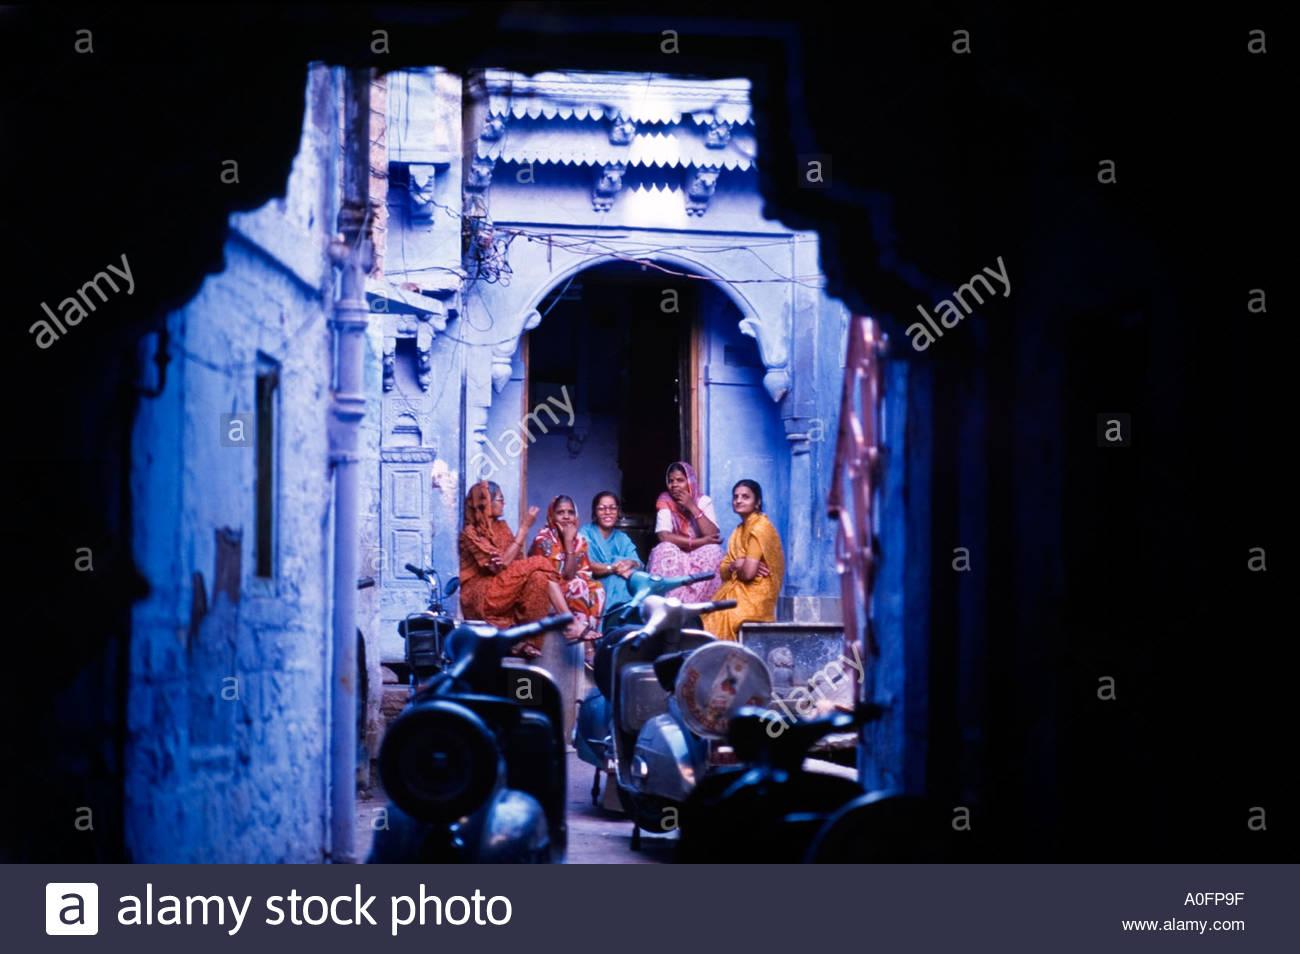 Las mujeres indias charlando con amigos, Rajasthan, India Imagen De Stock